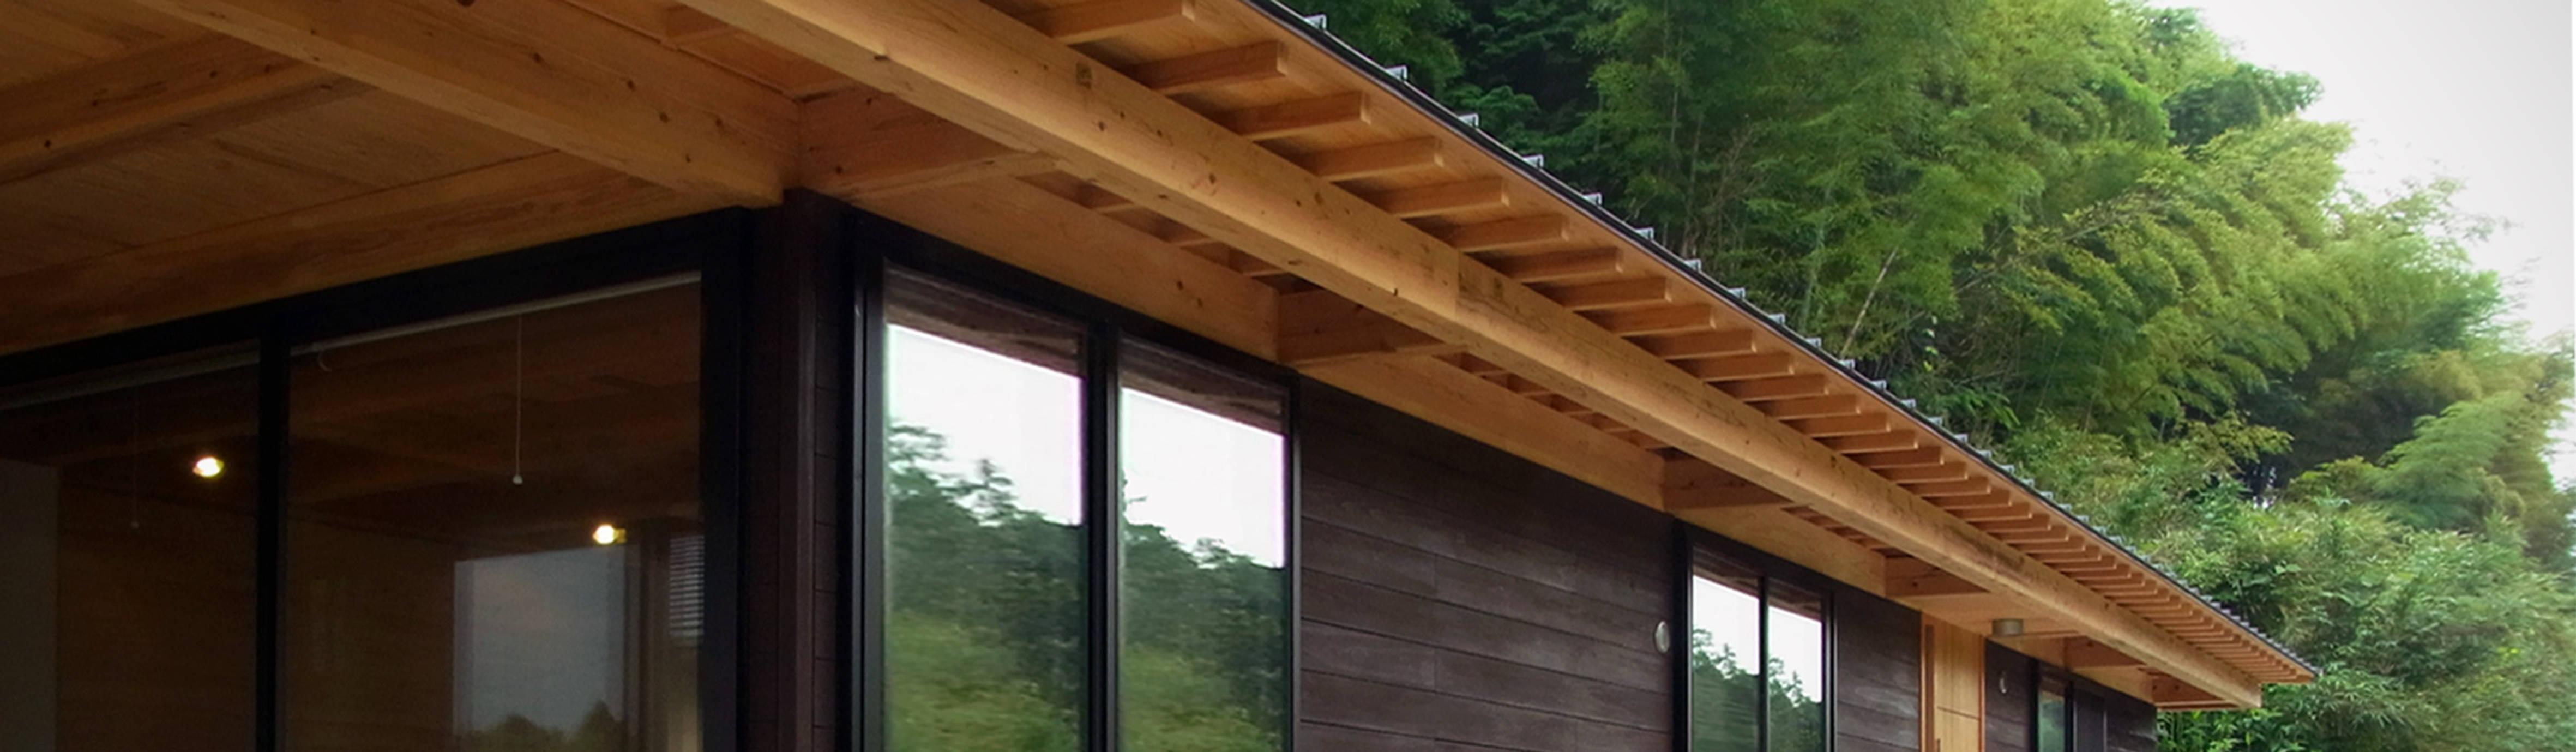 WDA 渡部建築設計事務所